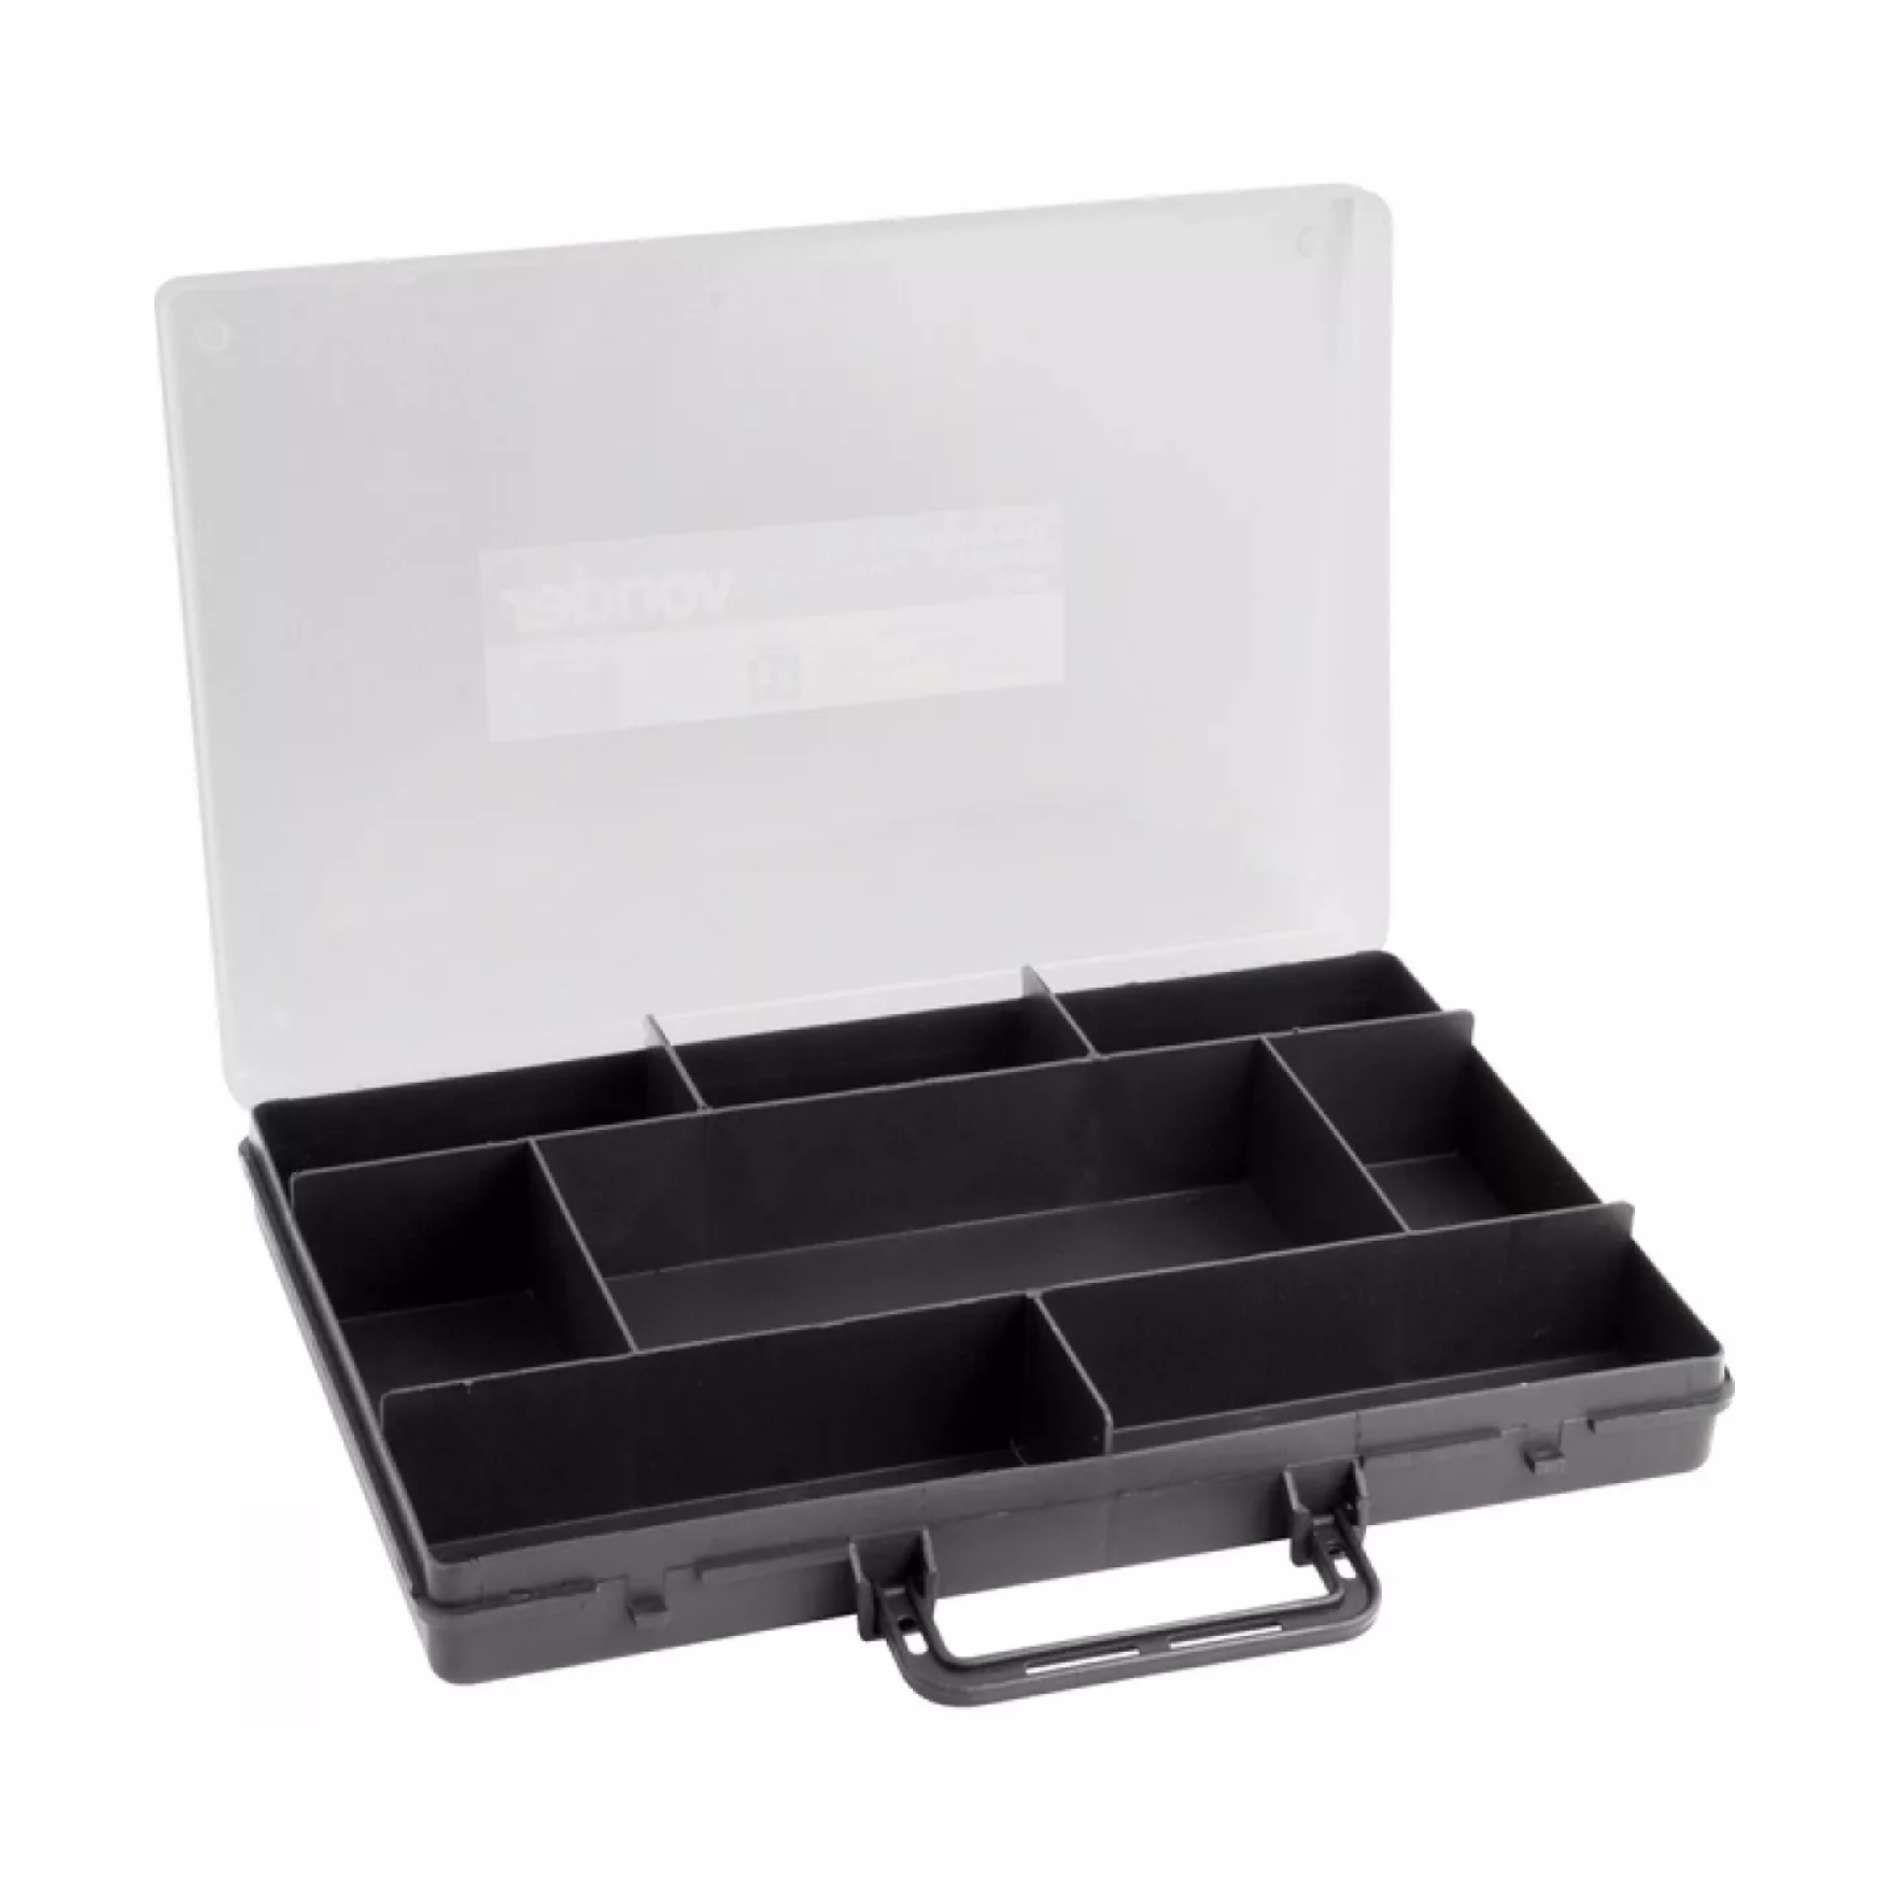 Maleta Plástica Simples Para Ferramentas E Parafusos Vonder VD8020